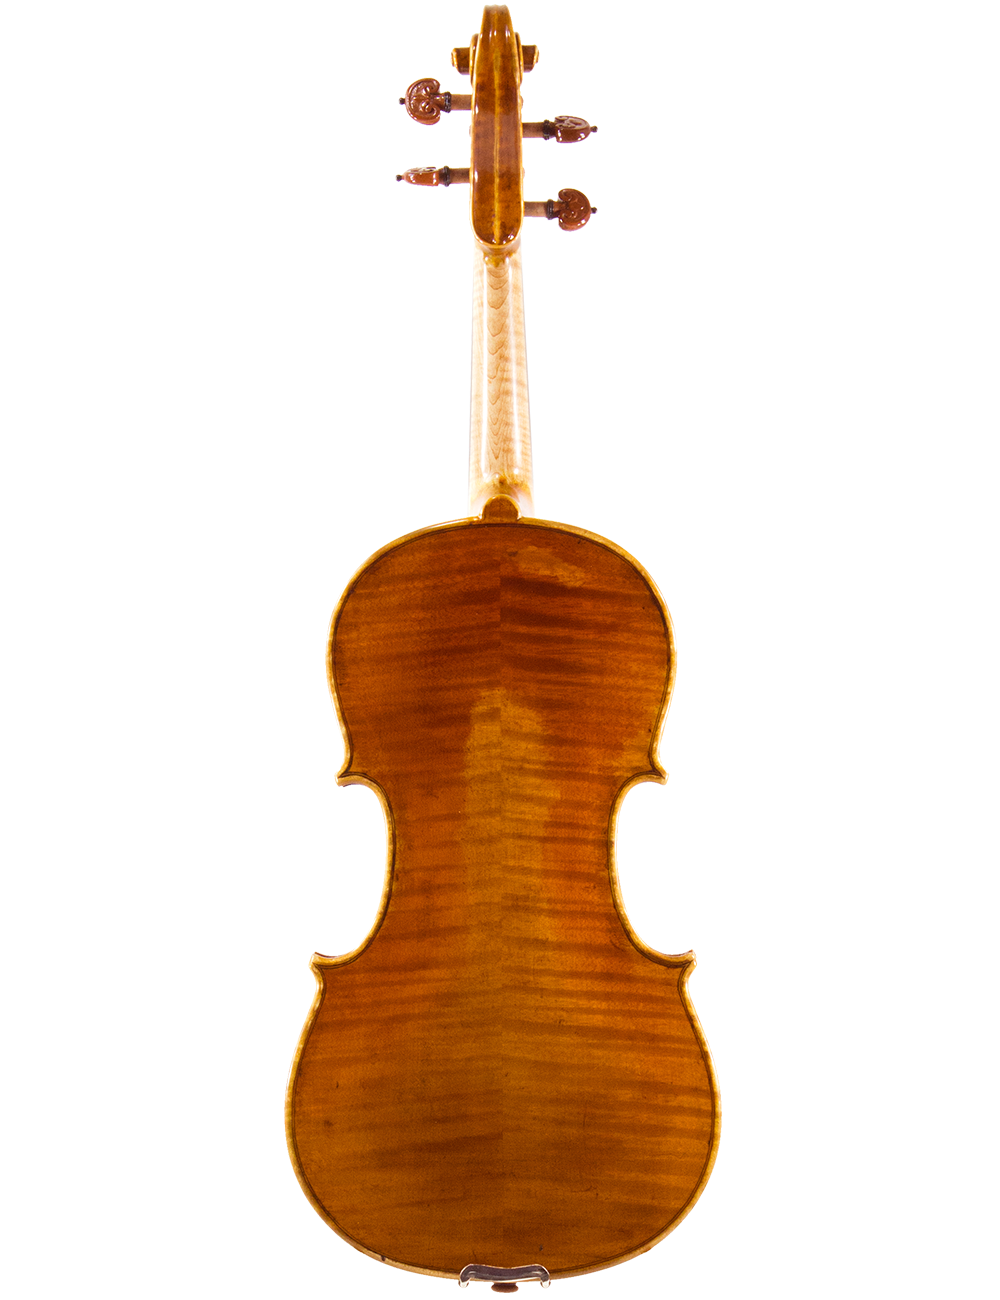 VIOLIN BY FERDINANDO GARIMBERTI, Fecit Mediolani Anno 1926